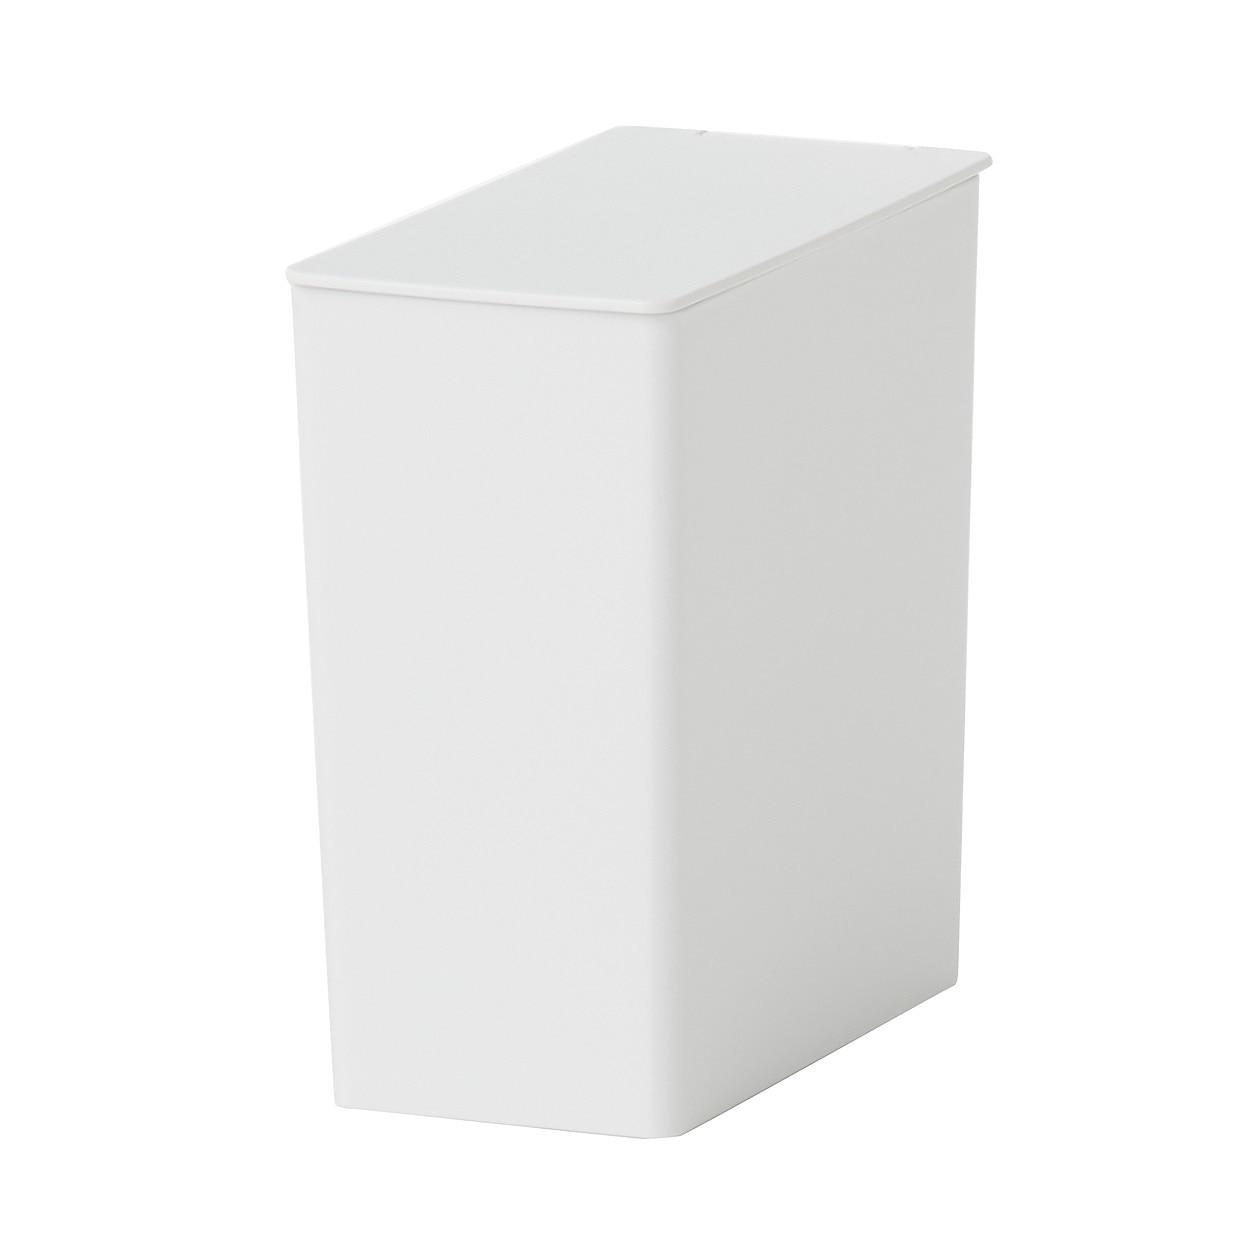 ポリプロピレンごみ箱・角型・ミニ(約0.9L)の写真